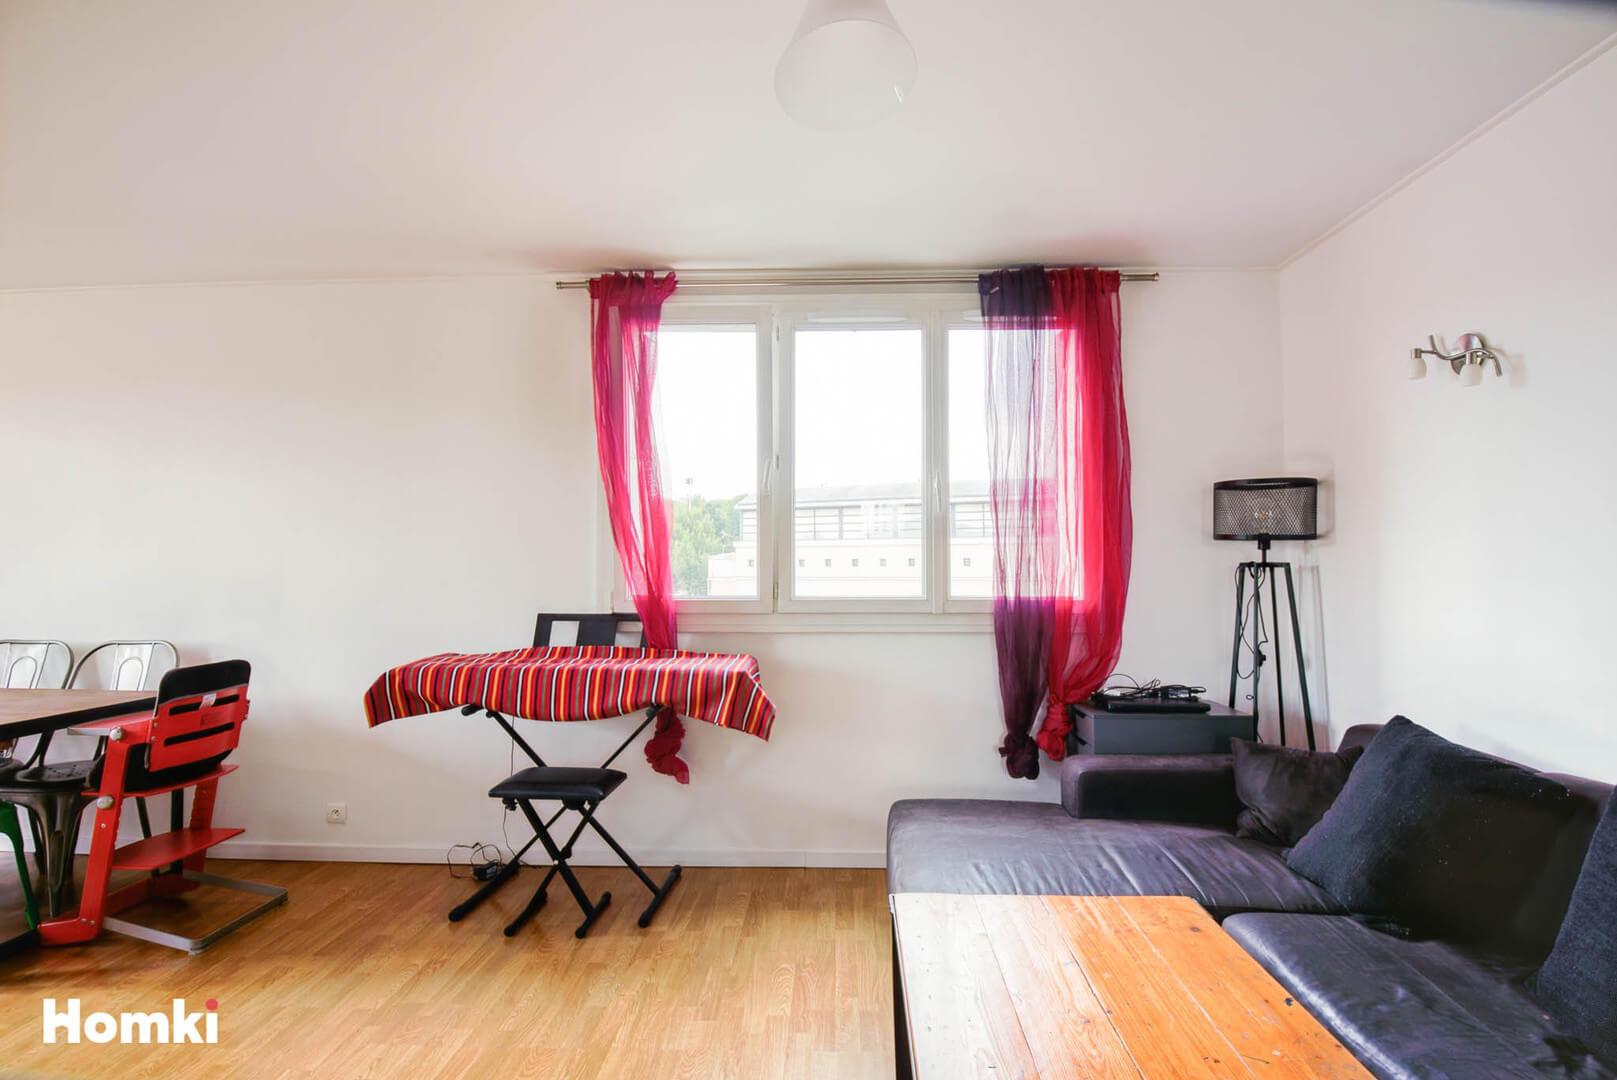 Homki - Vente appartement  de 71.0 m² à Marseille 13013